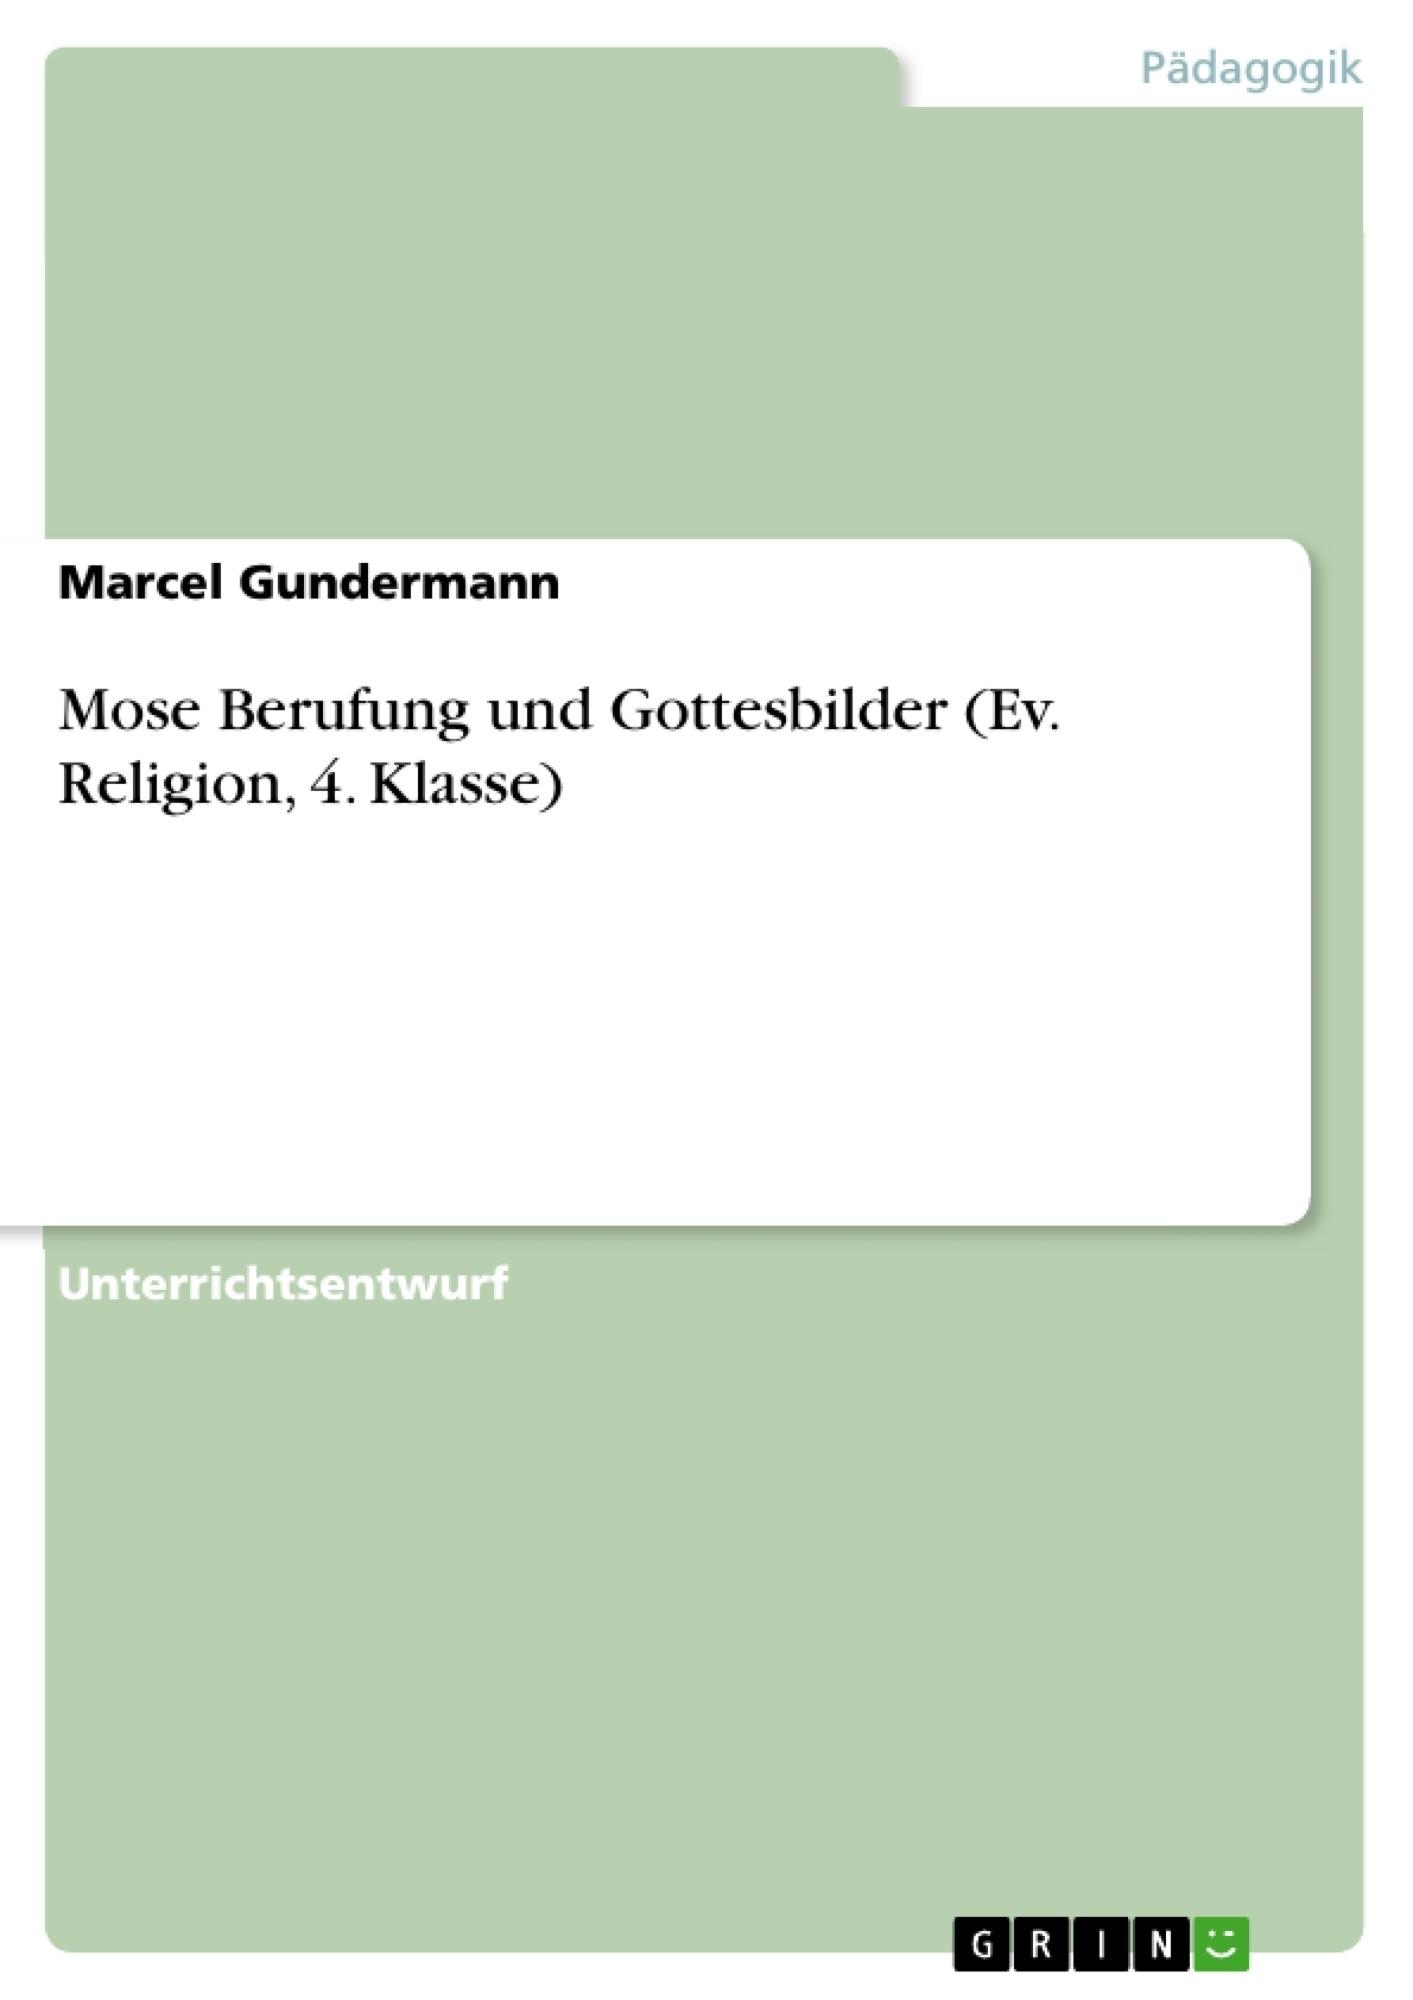 Titel: Mose Berufung und Gottesbilder (Ev. Religion, 4. Klasse)